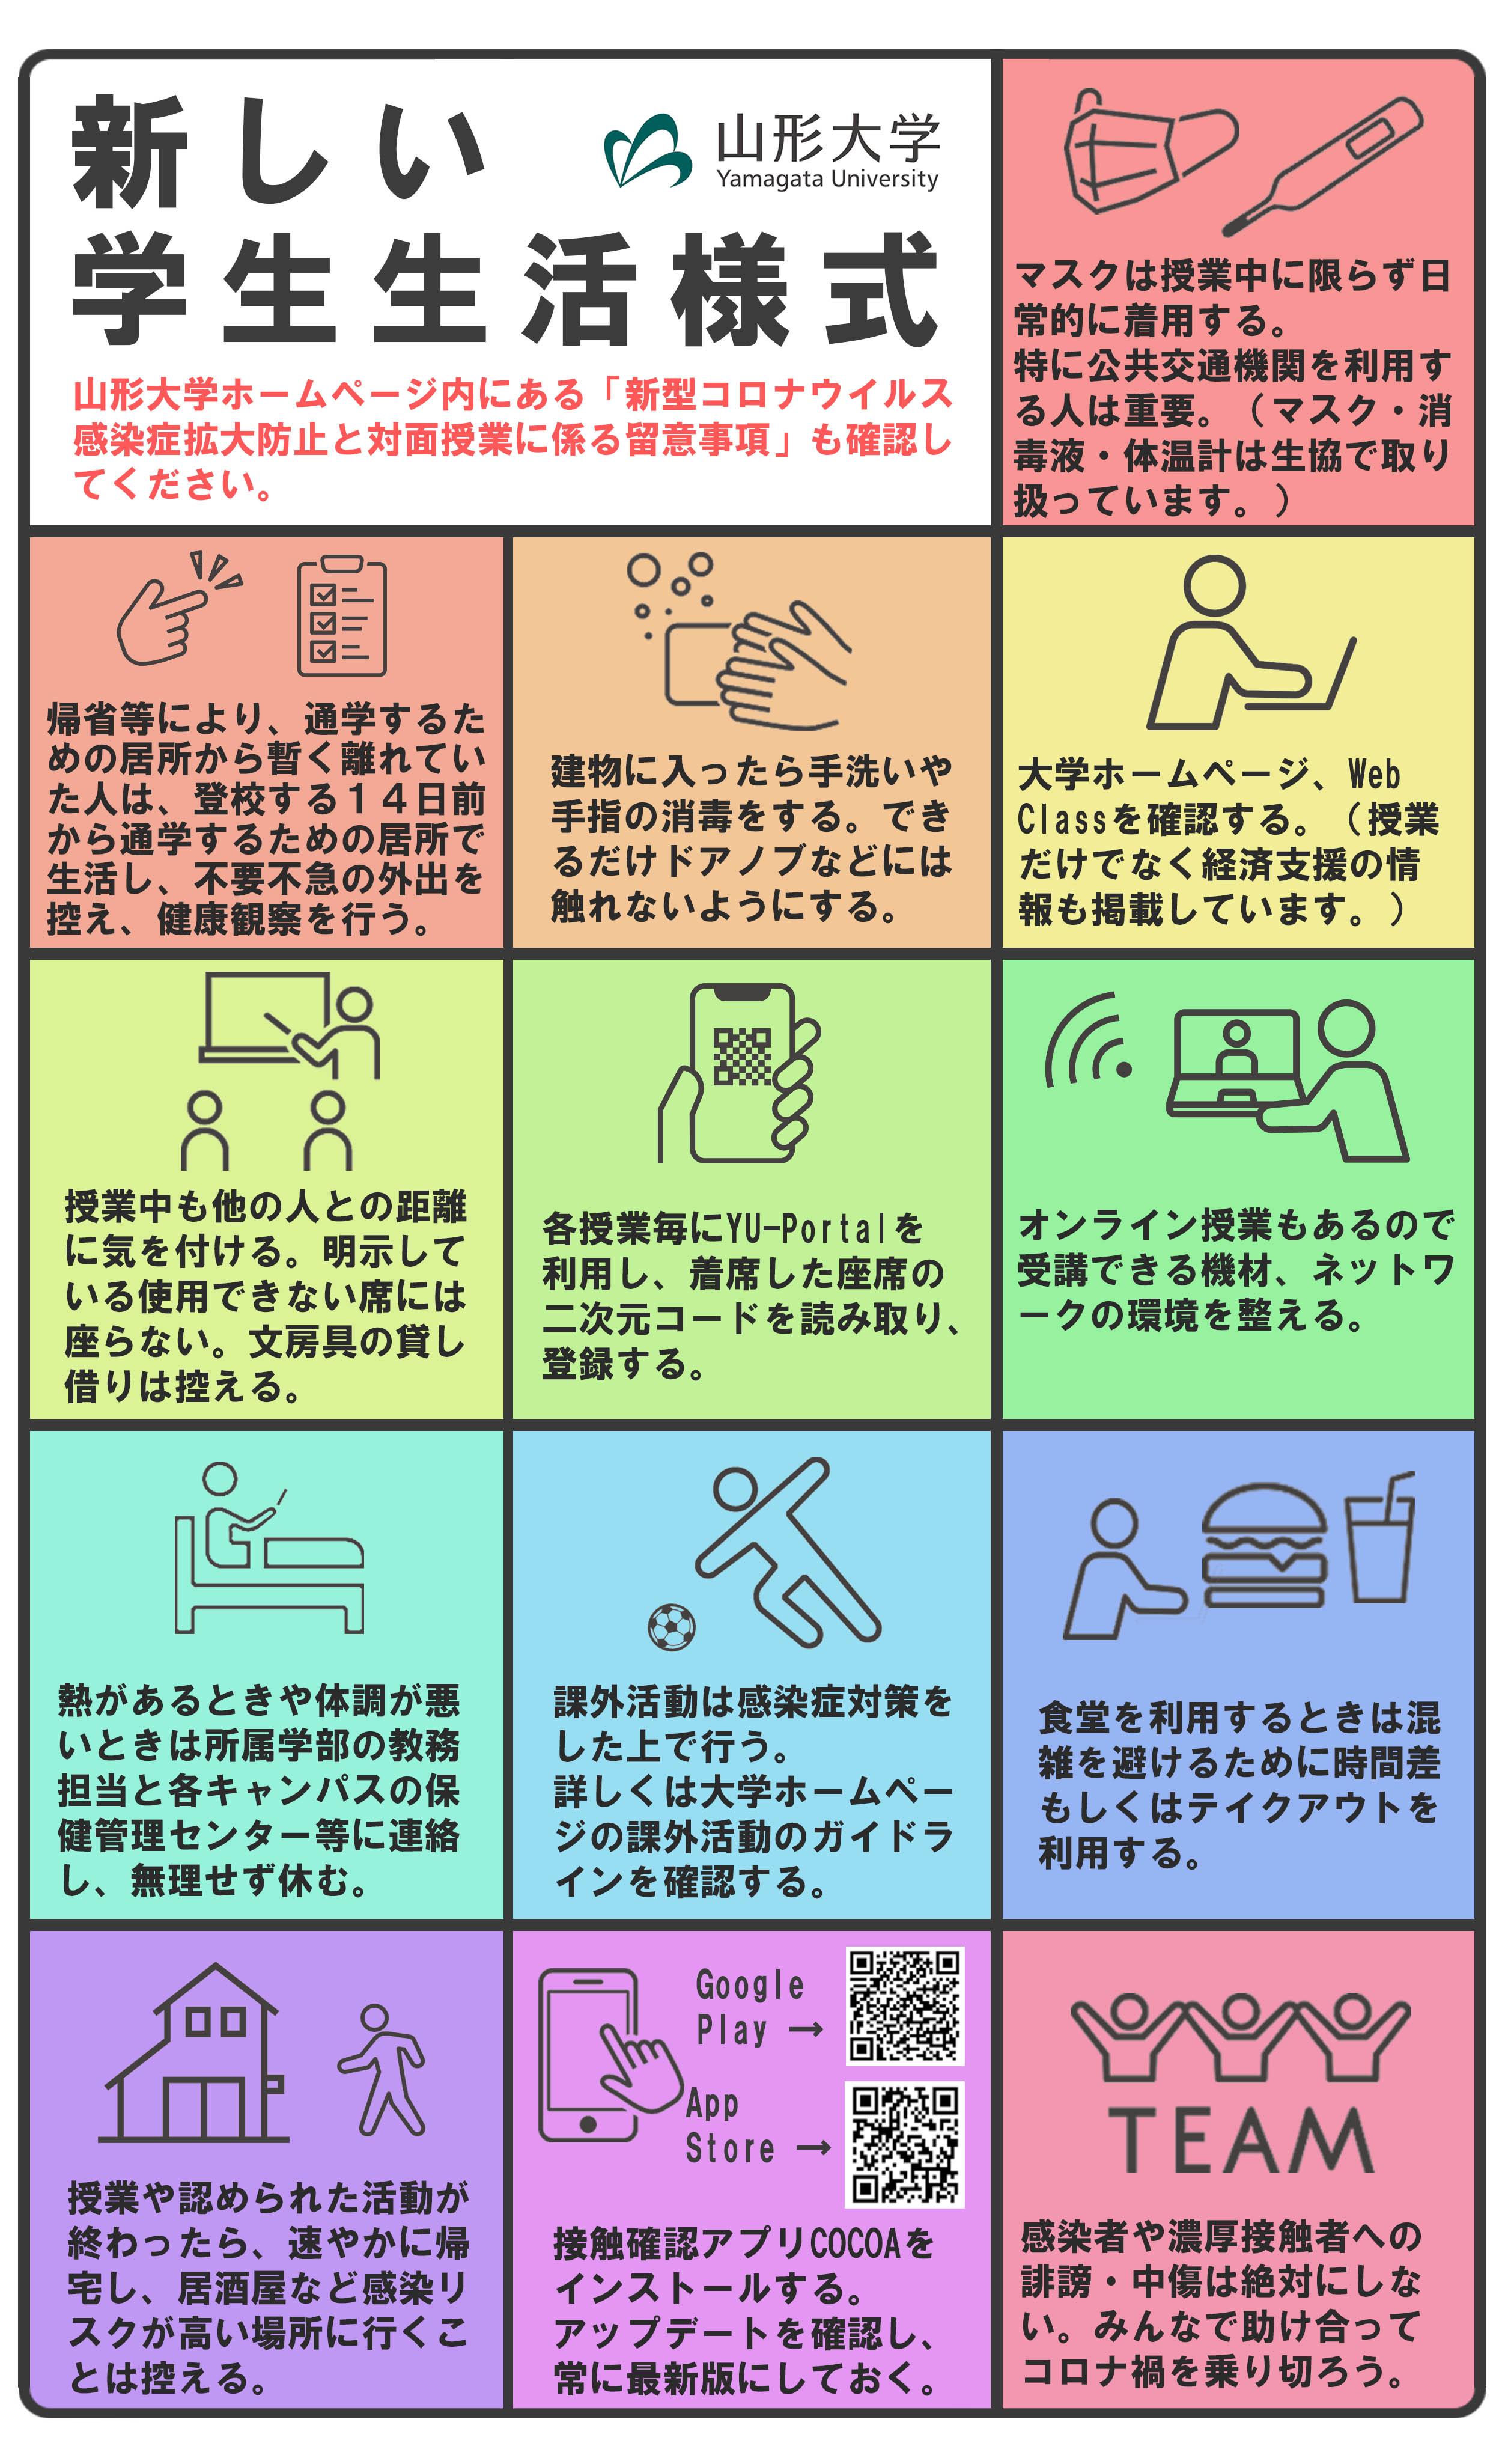 クラス 都市 大 ウェブ 東京都市大学で入学後、クラス分けテストがあるみたいですが、工学部の数